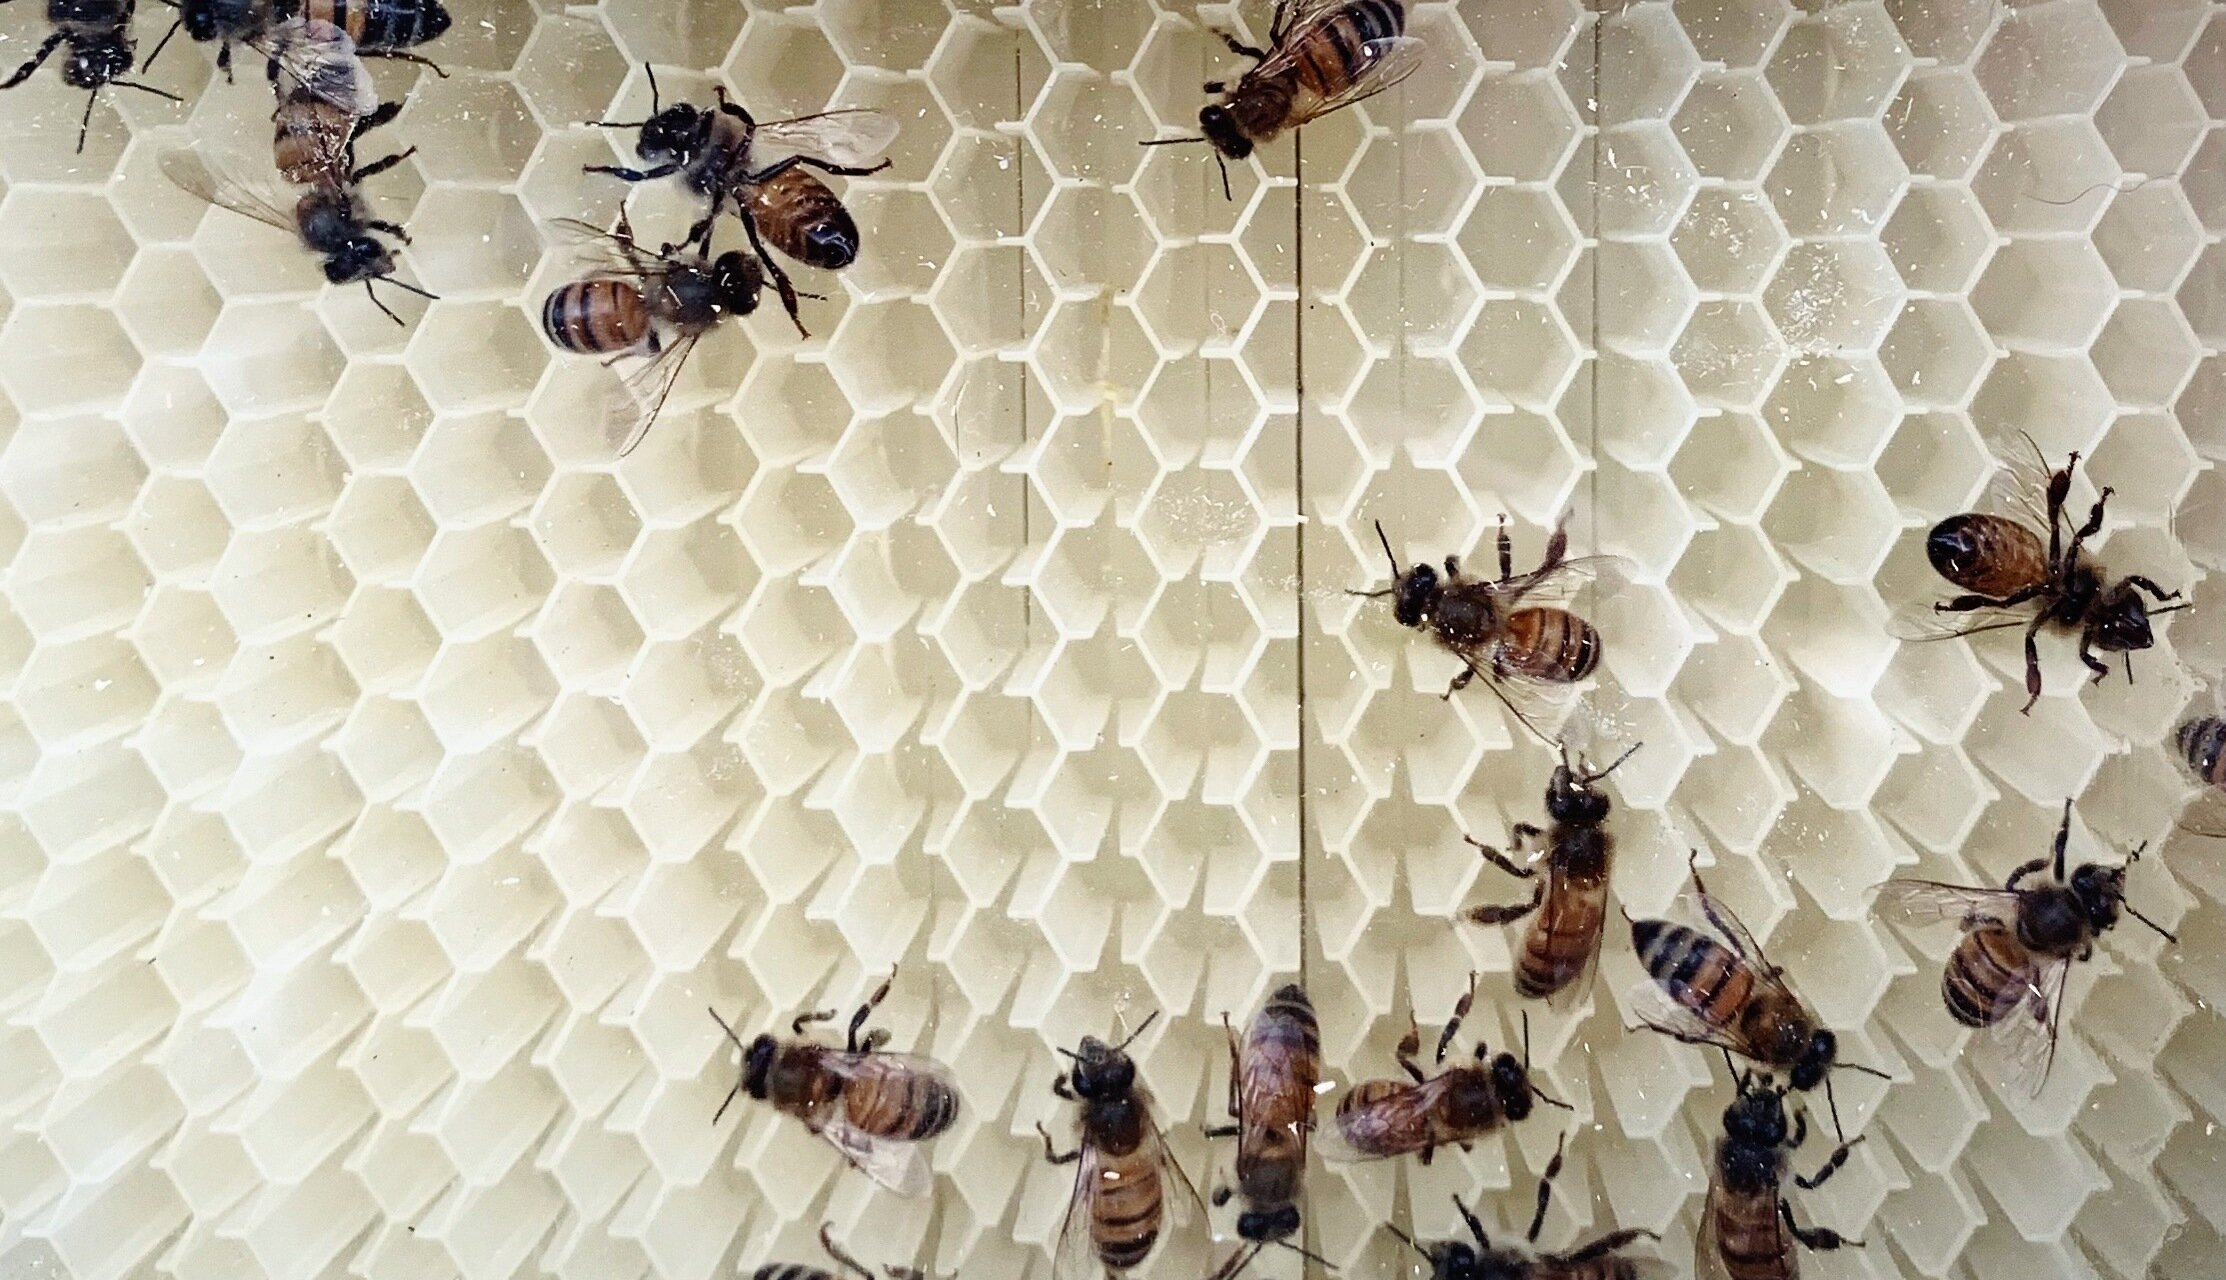 Olandezii au antrenat albine pentru a depista persoanele infectate cu SARS-Cov-2